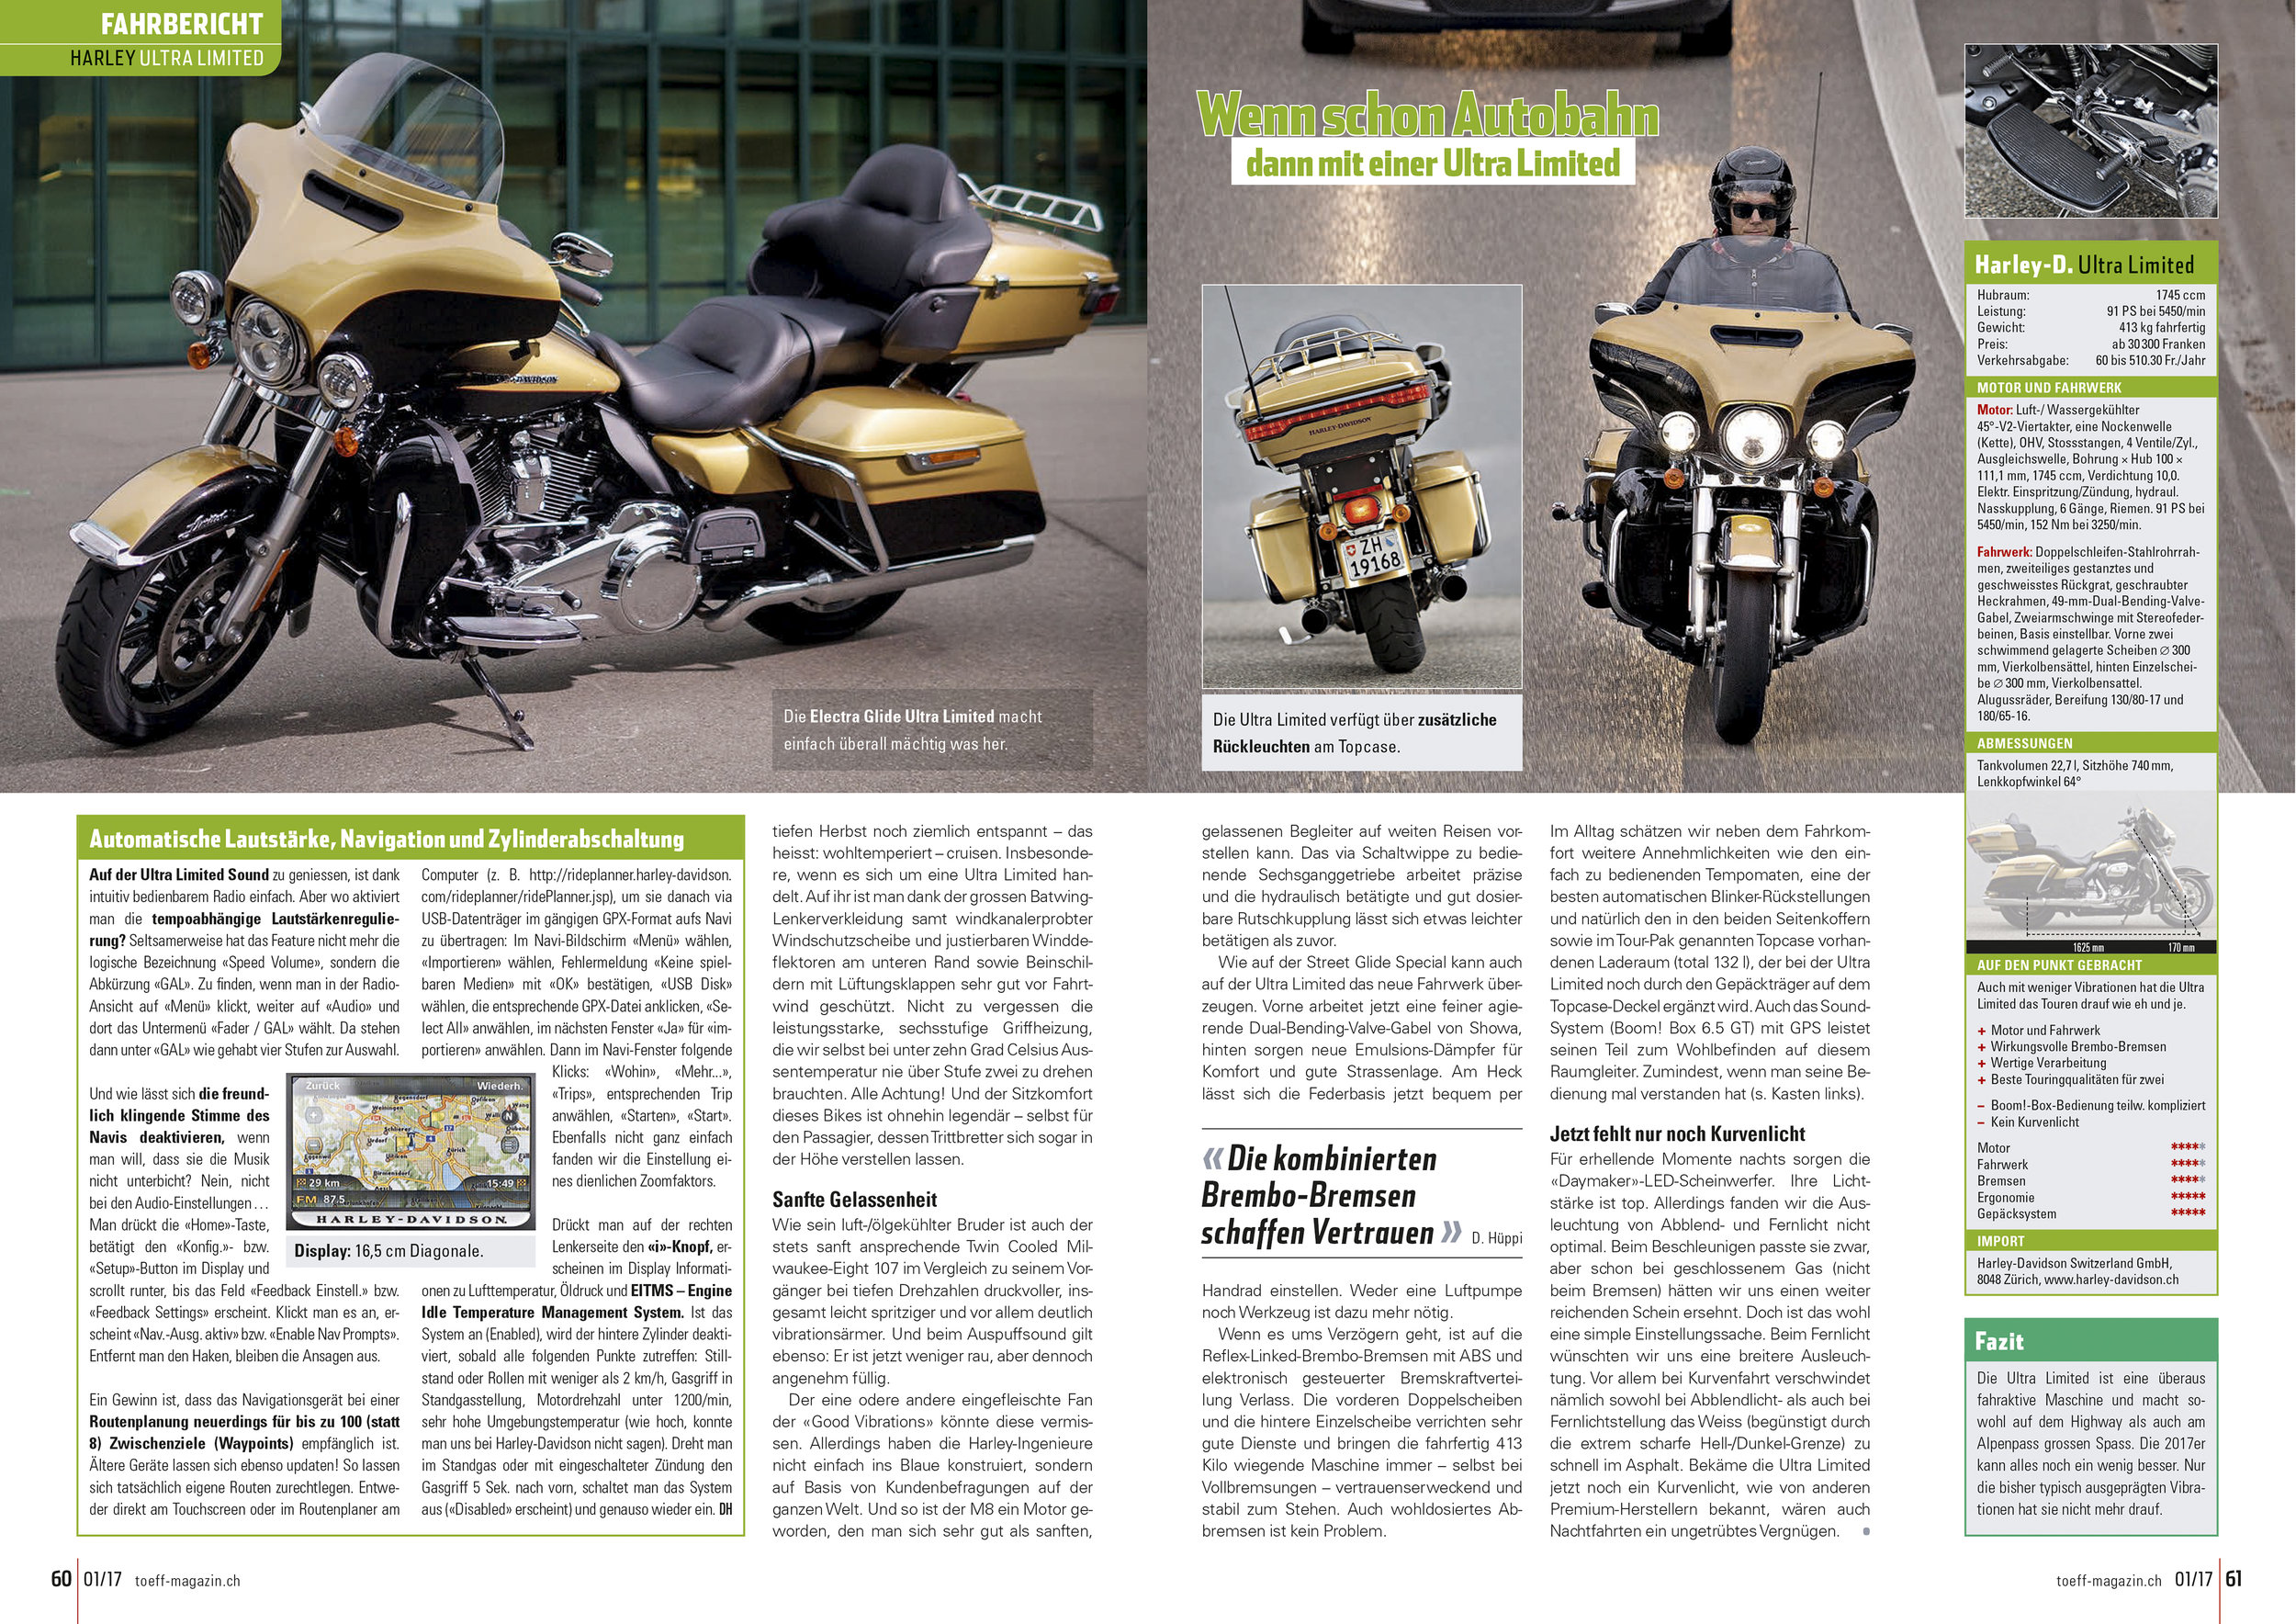 Test-des-Monats_Harley-Davidson_E-Glide;24_View-3 Kopie.jpg